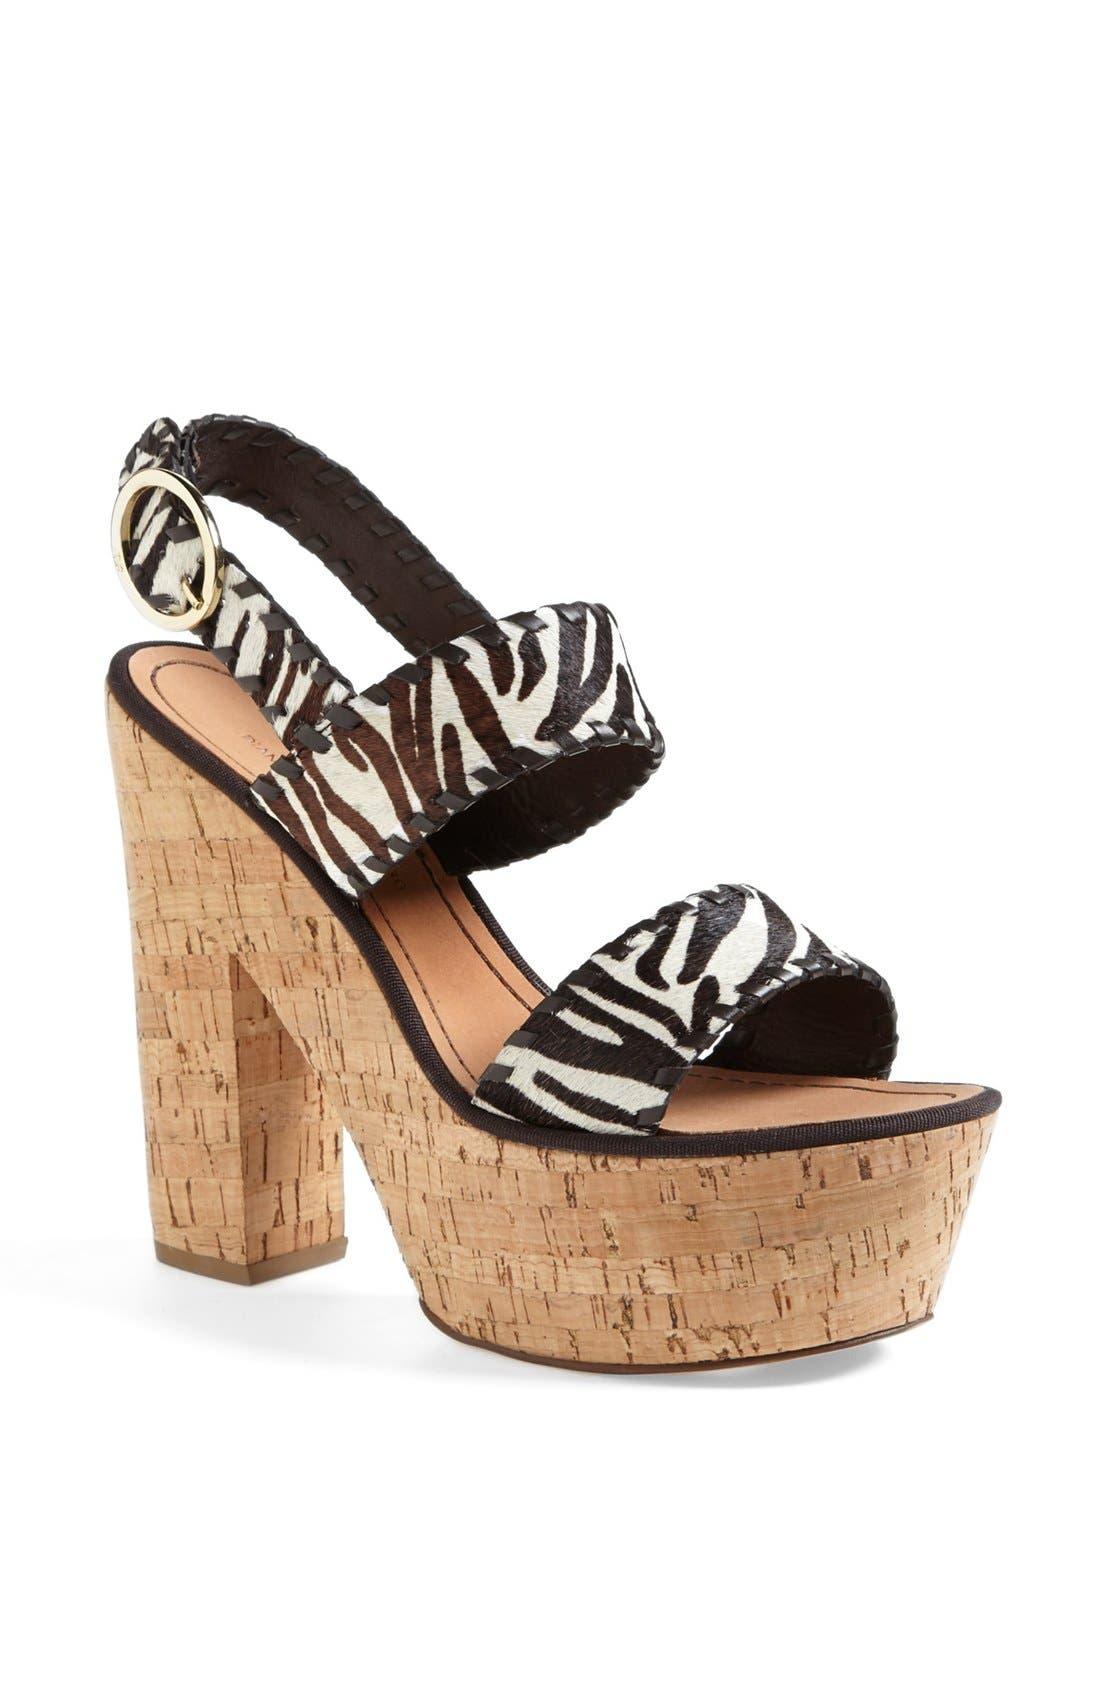 Main Image - Diane von Furstenberg 'Remy' Sandal